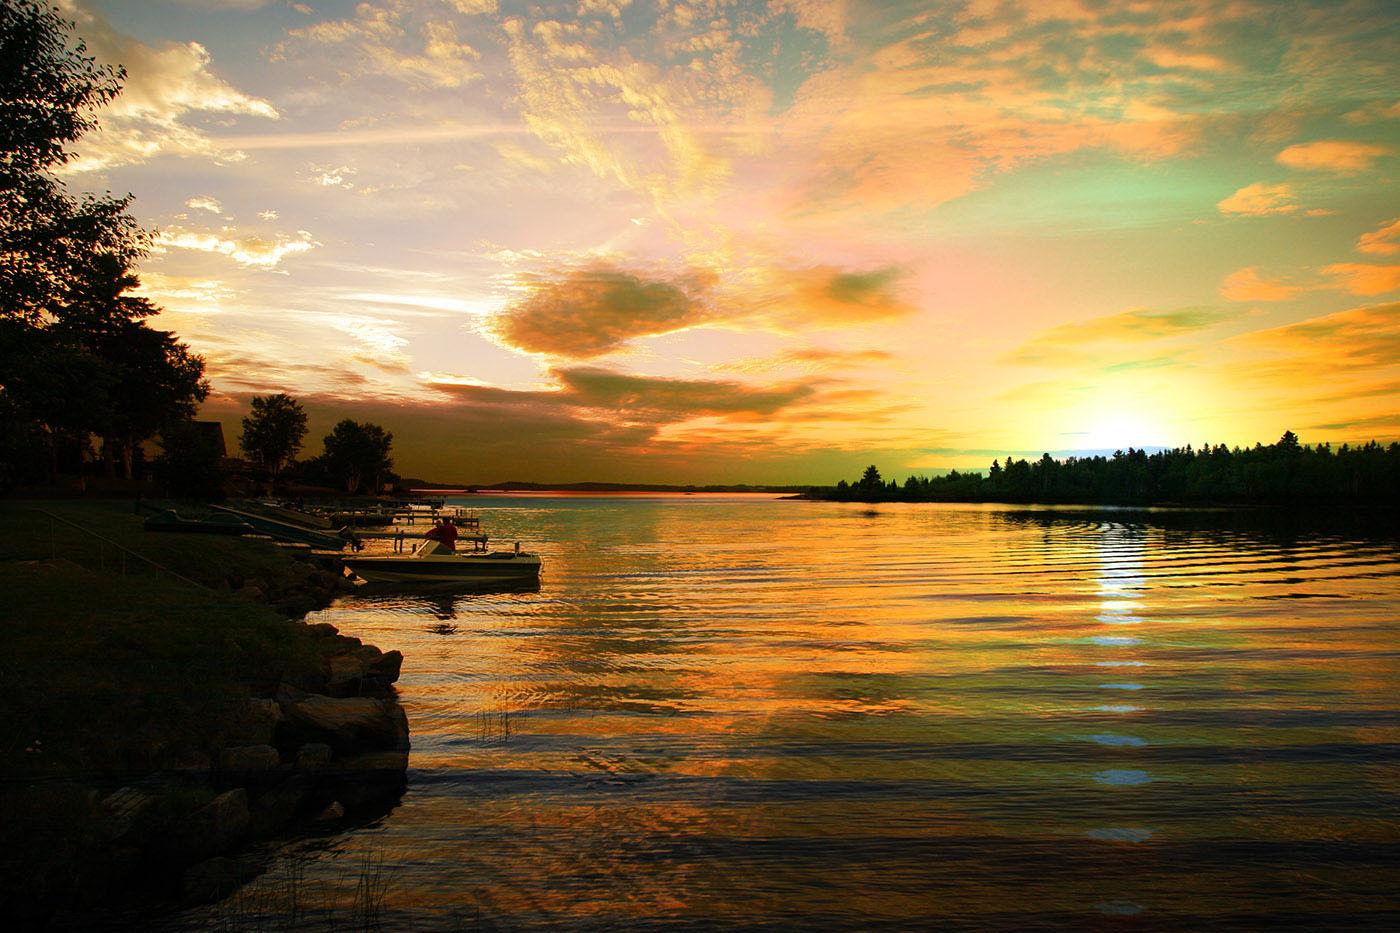 Perfect Sunset Lake - Stock Photo